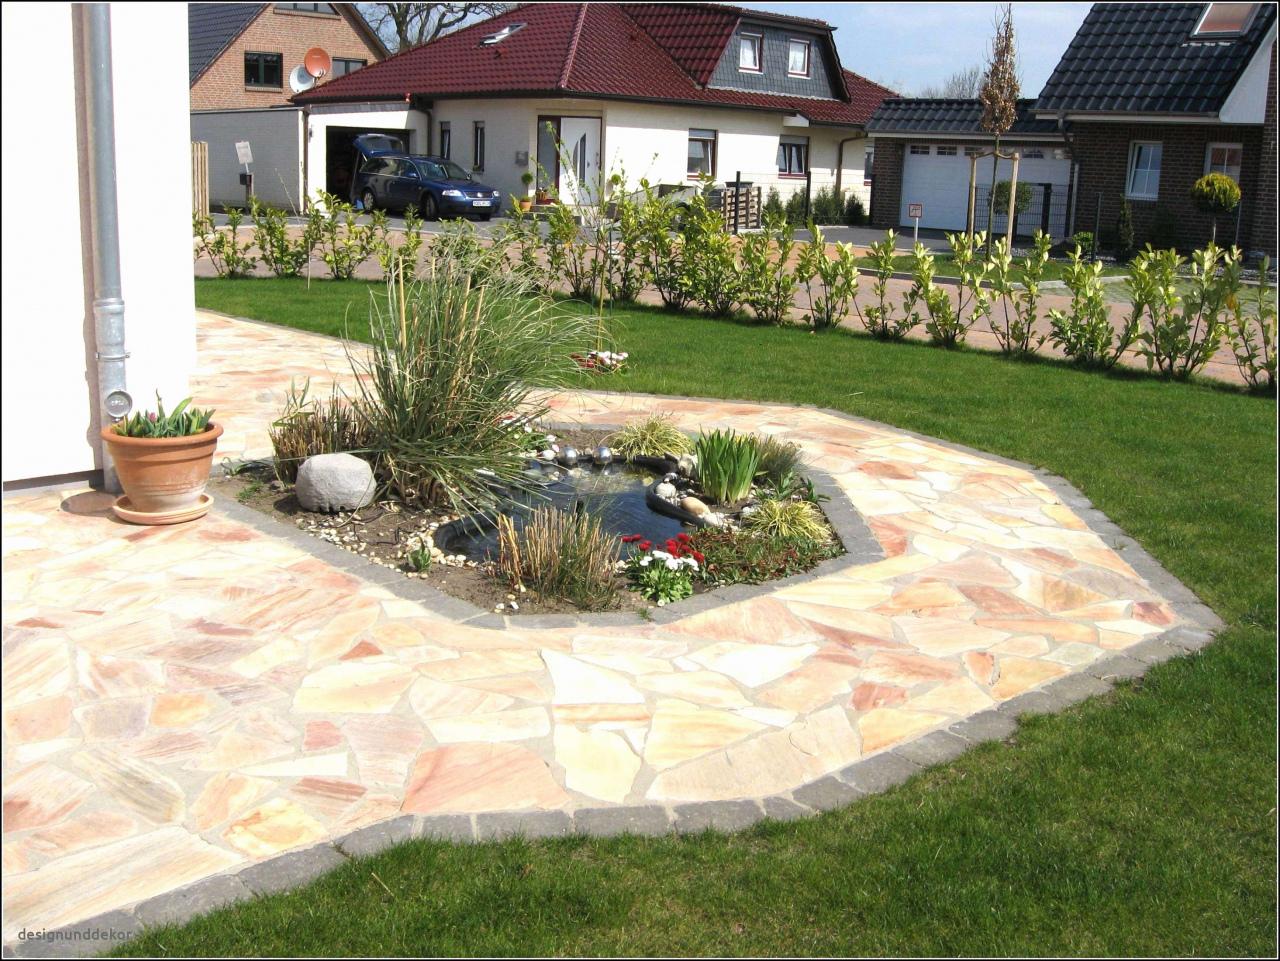 Sitzecke Garten Selber Bauen Luxus Landscape Bricks Garten Gestalten Ideen Einzigartig Garten